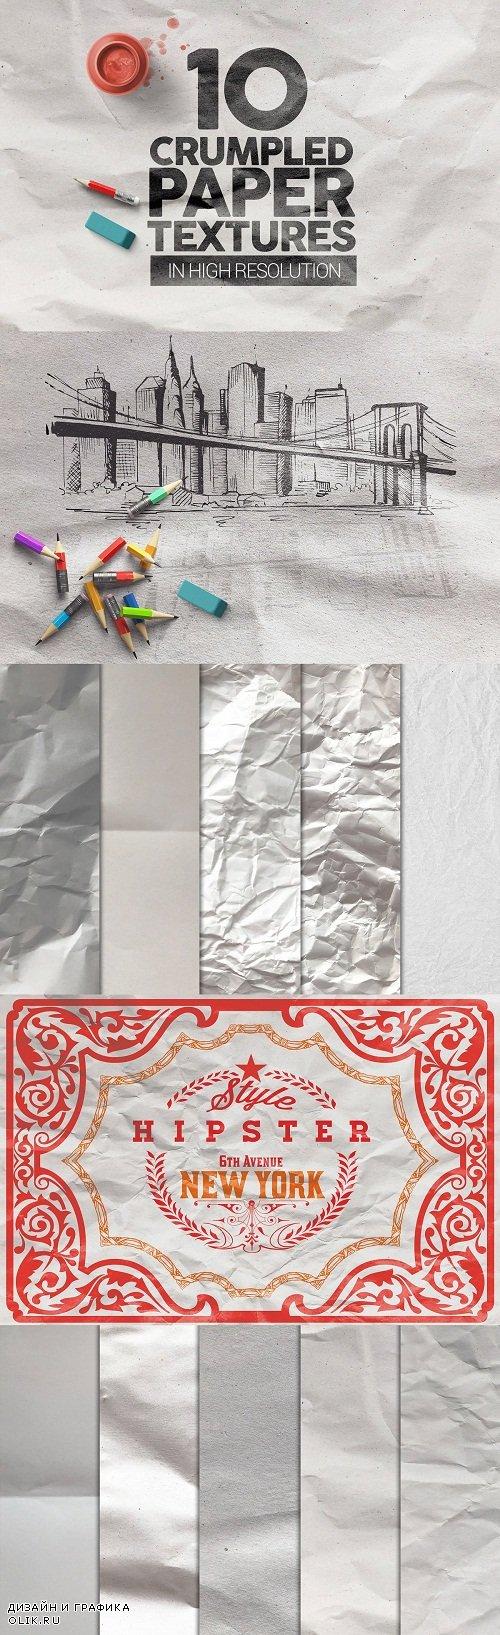 Crumpled Paper Textures x10 - 3703659